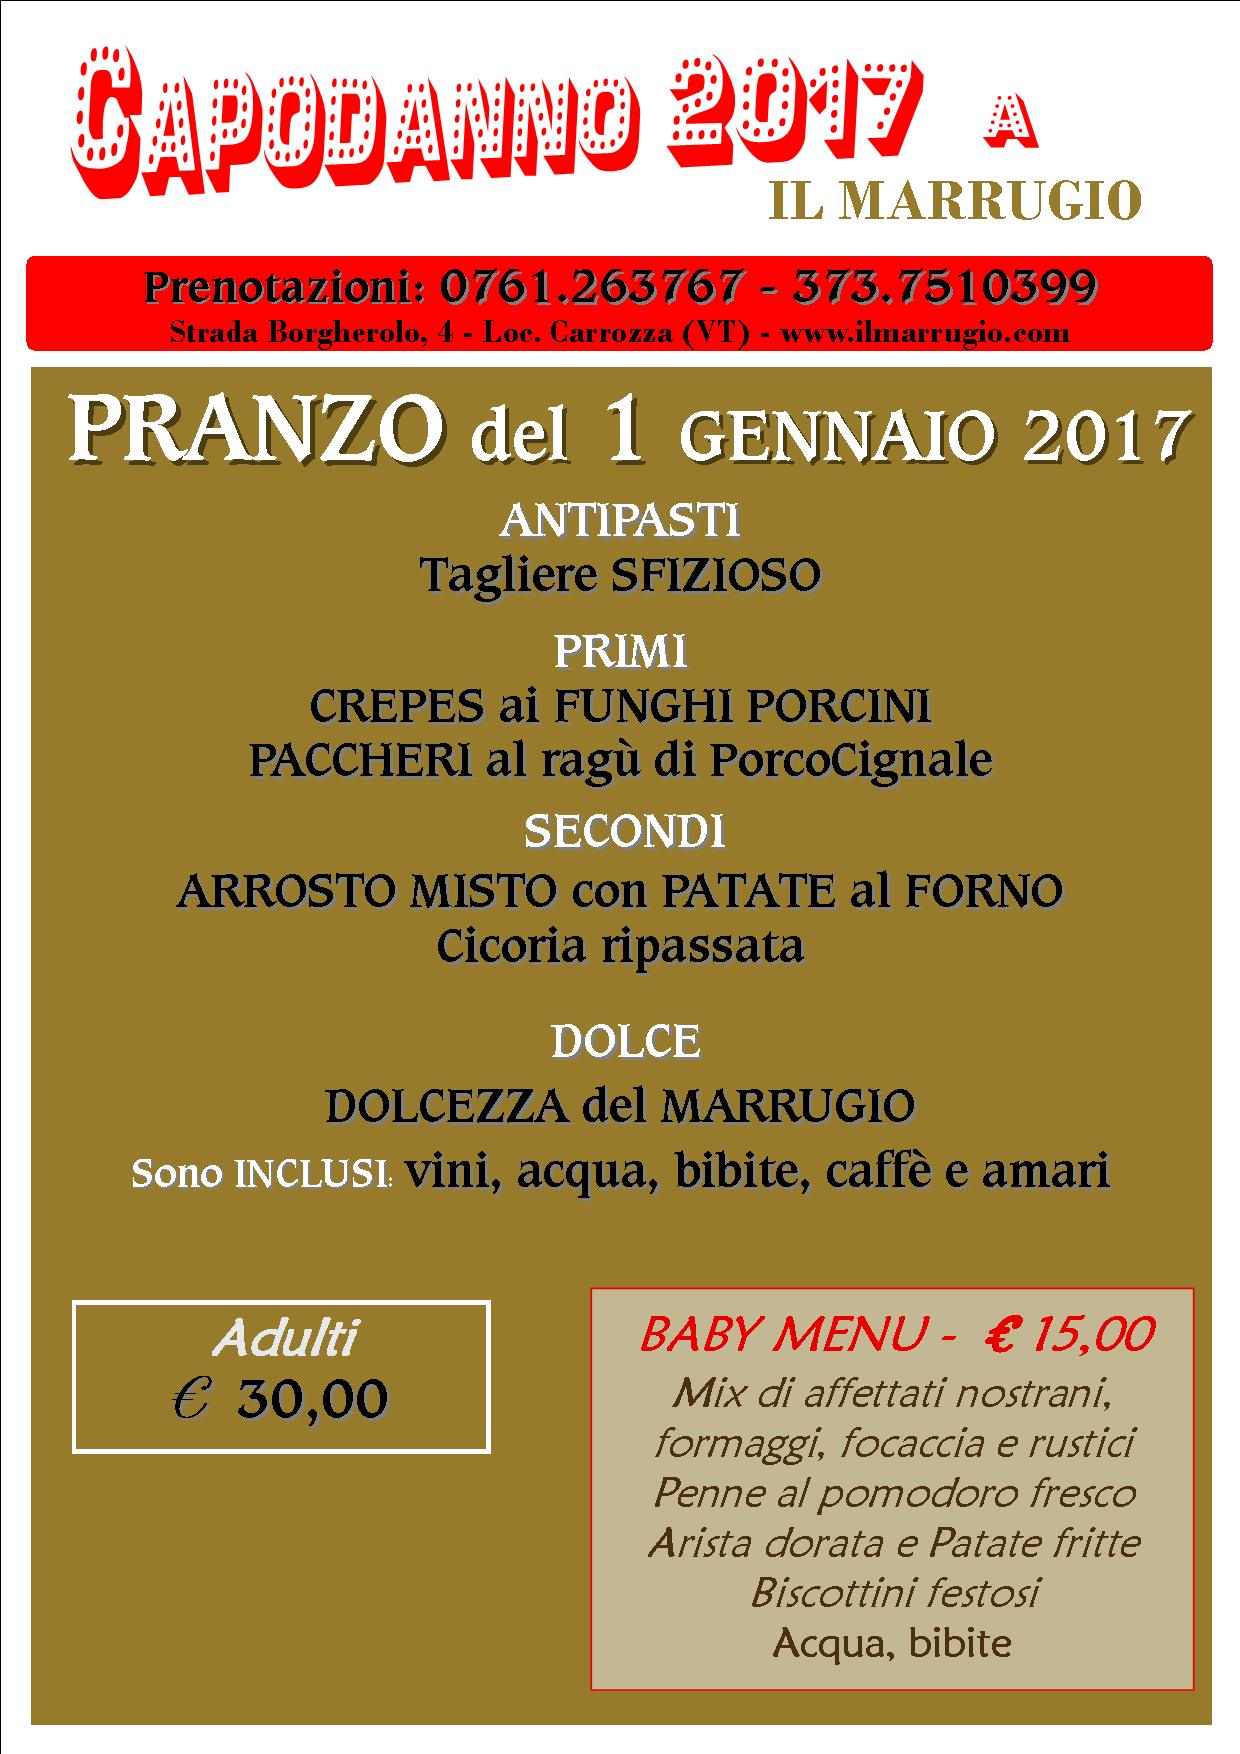 menu-1-gennaio-2017-a-il-marrugio